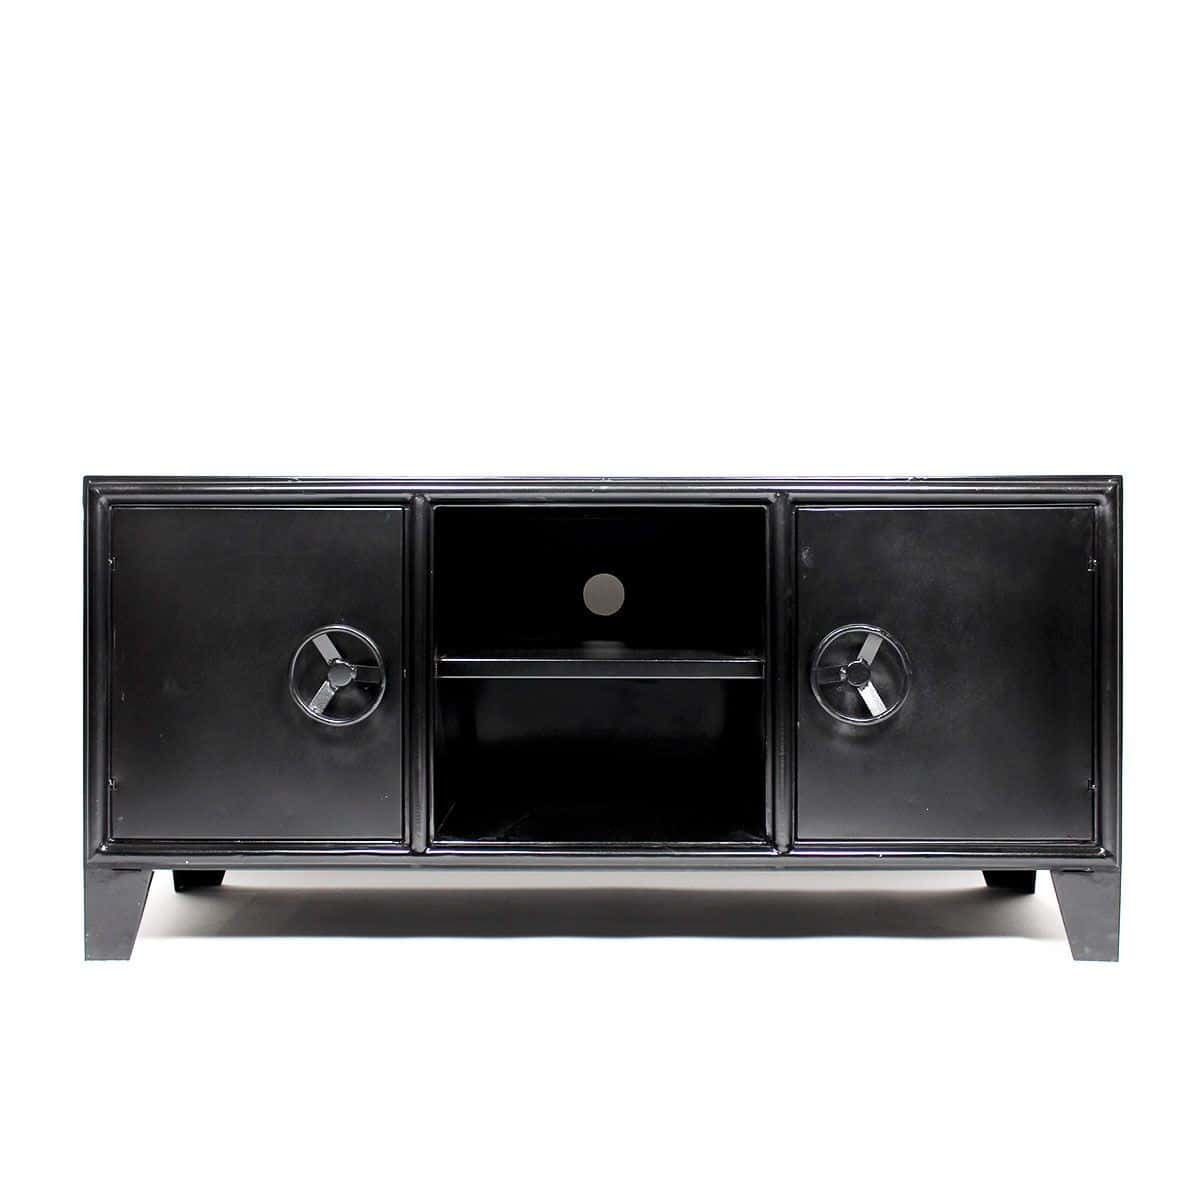 Meuble Tv Industriel 40 Id Es Et Mod Les 100 D Cal S # Meuble Acier Noir